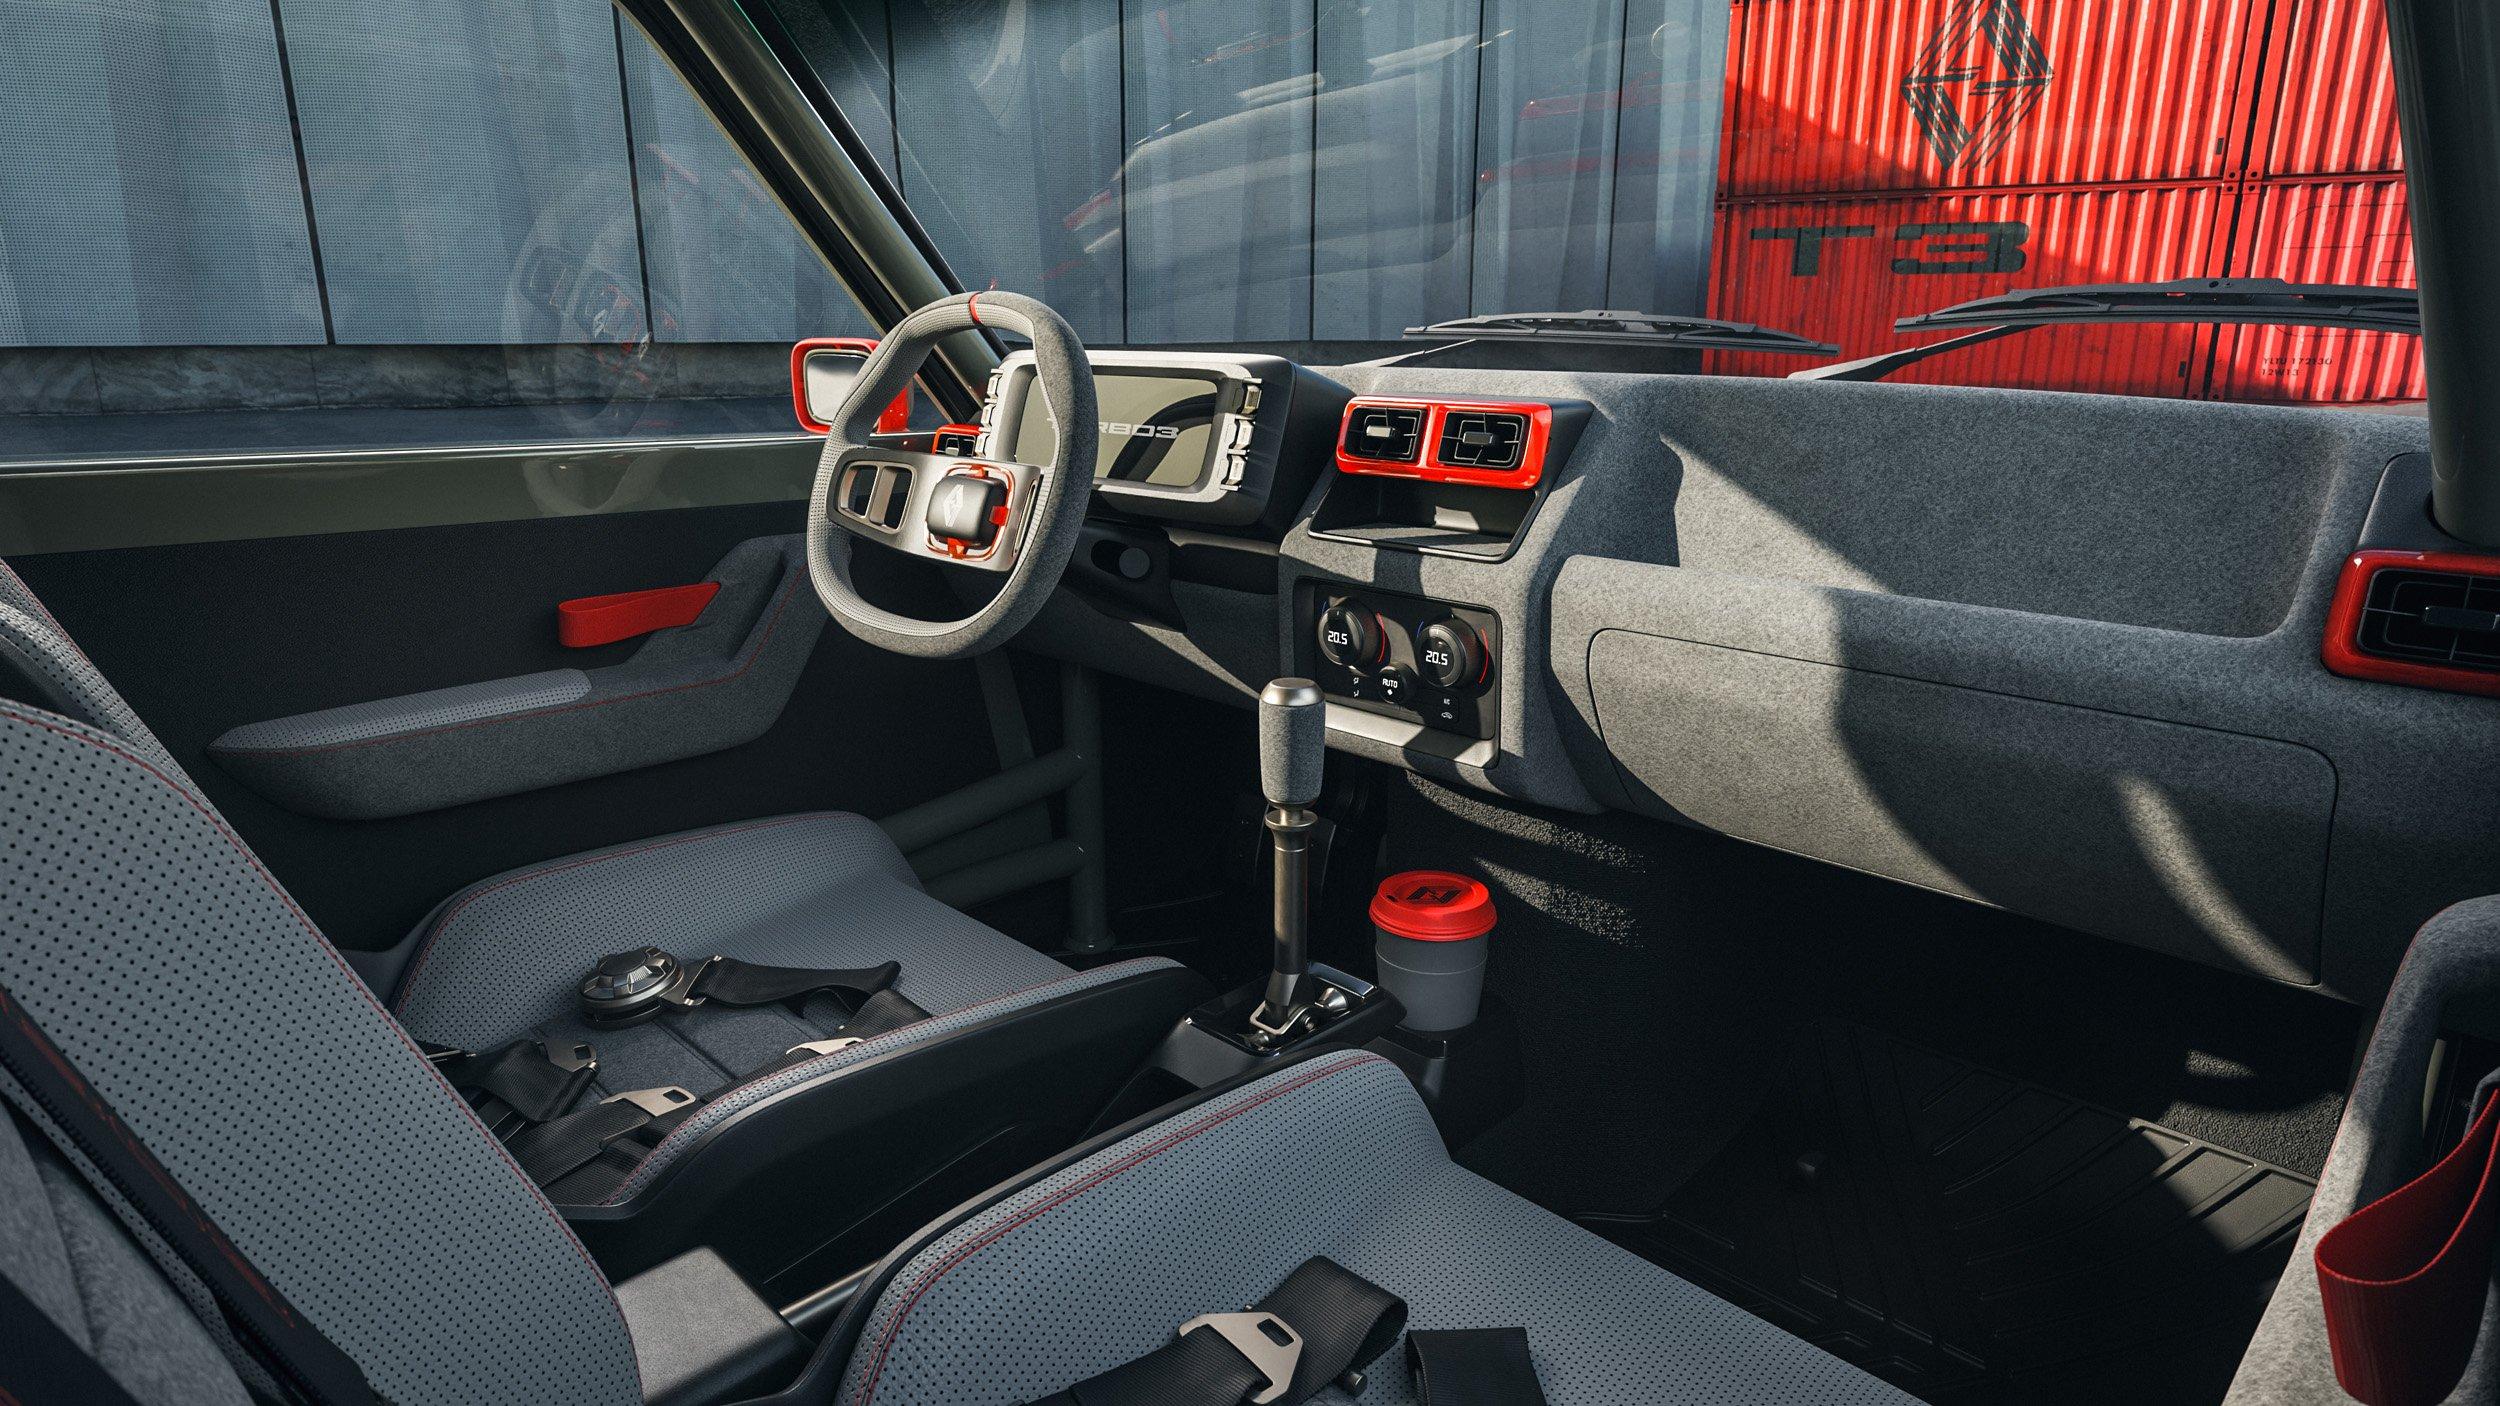 Intérieur Renault 5 Turbo Legende Automobile